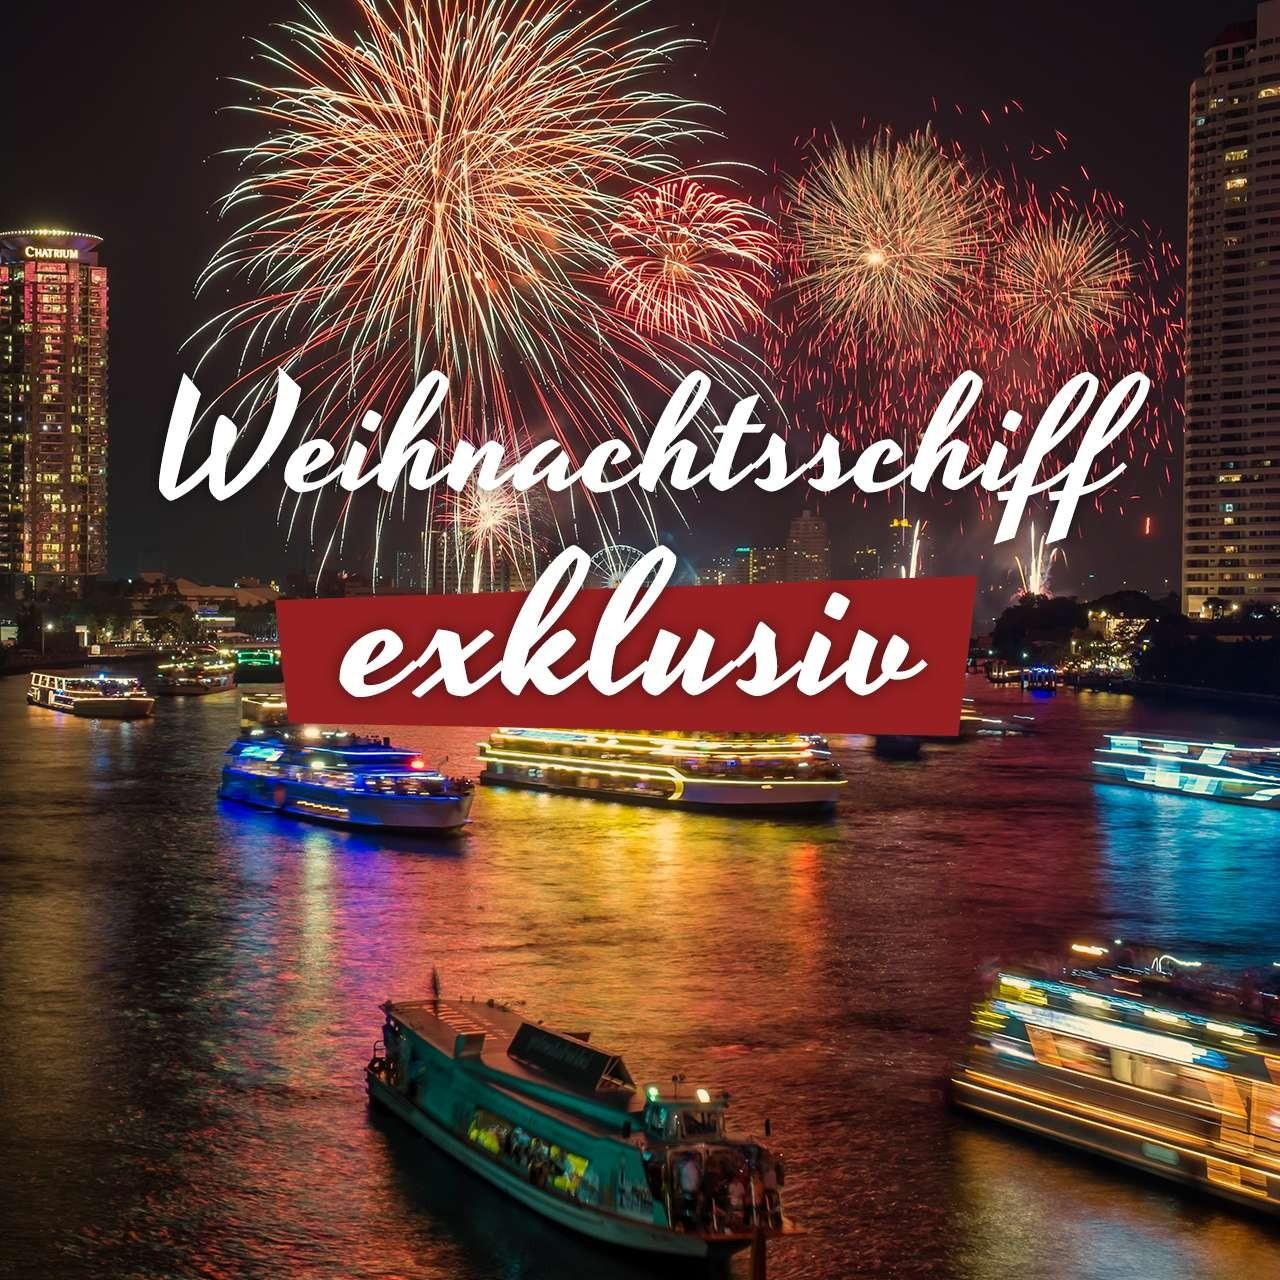 Teamspiele Weihnachtsfeier.Ideen Fur Weihnachtsfeiern In Hannover 2019 Weihnachtsplaner